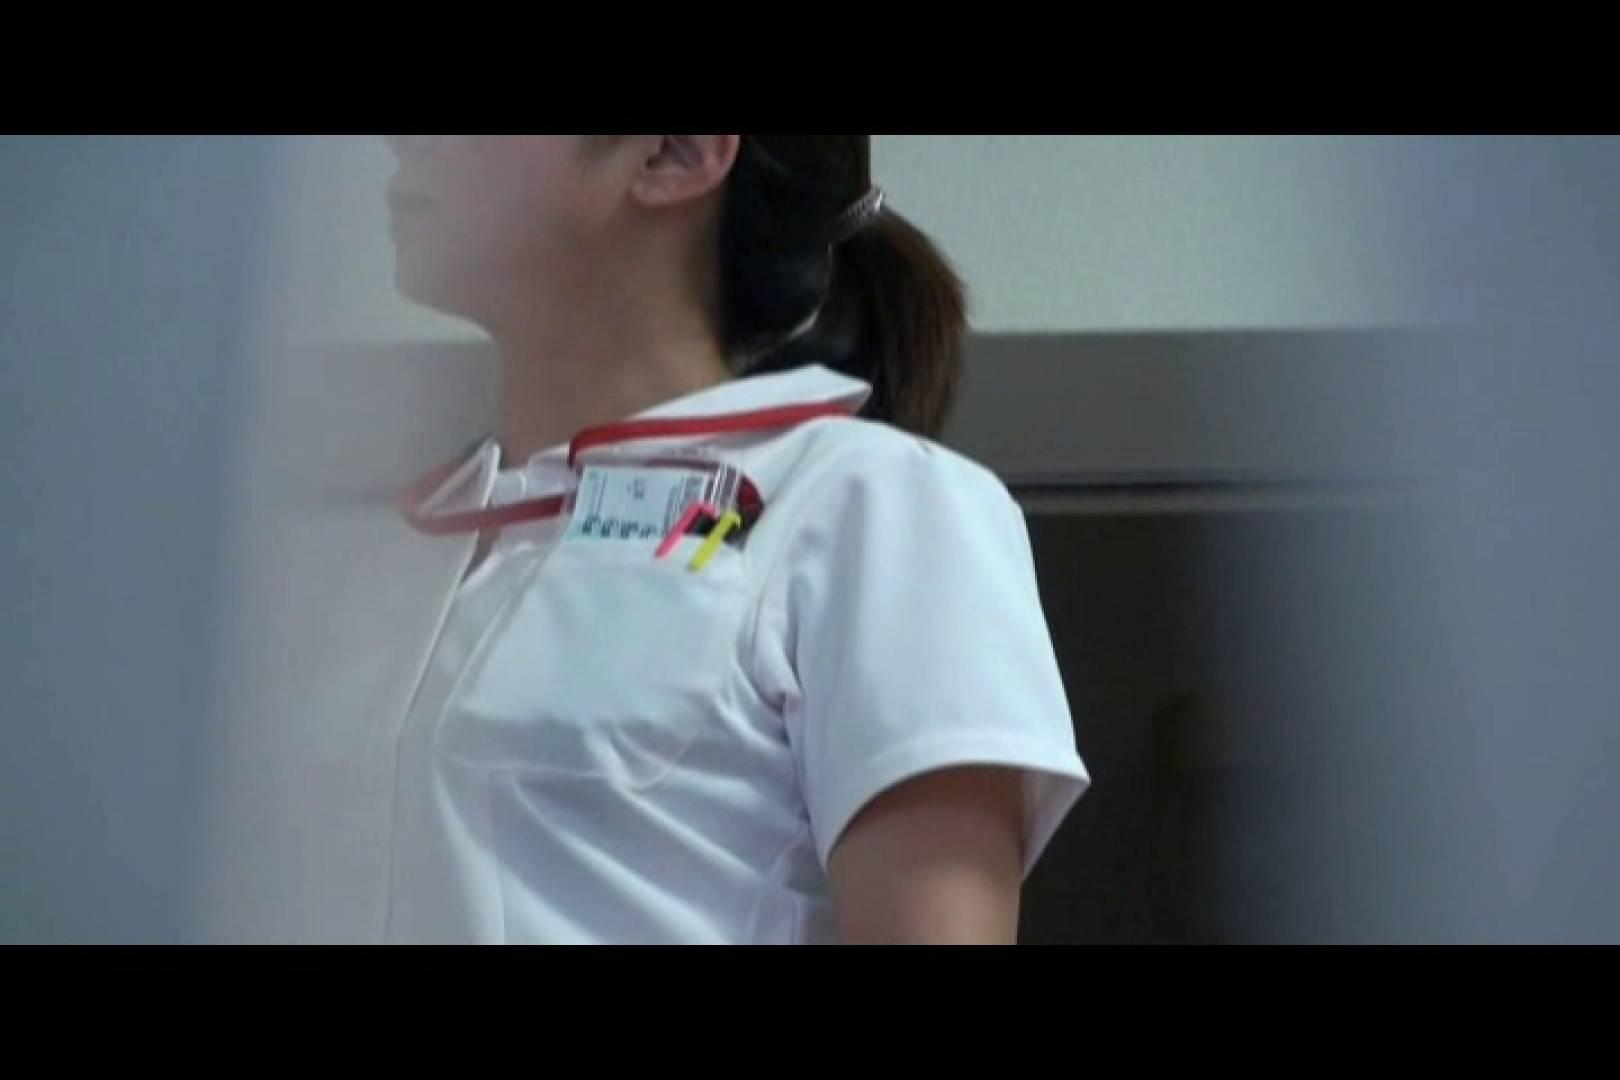 独占配信!無修正! 看護女子寮 vol.08 ナースのエロ動画 ヌード画像 113PIX 37